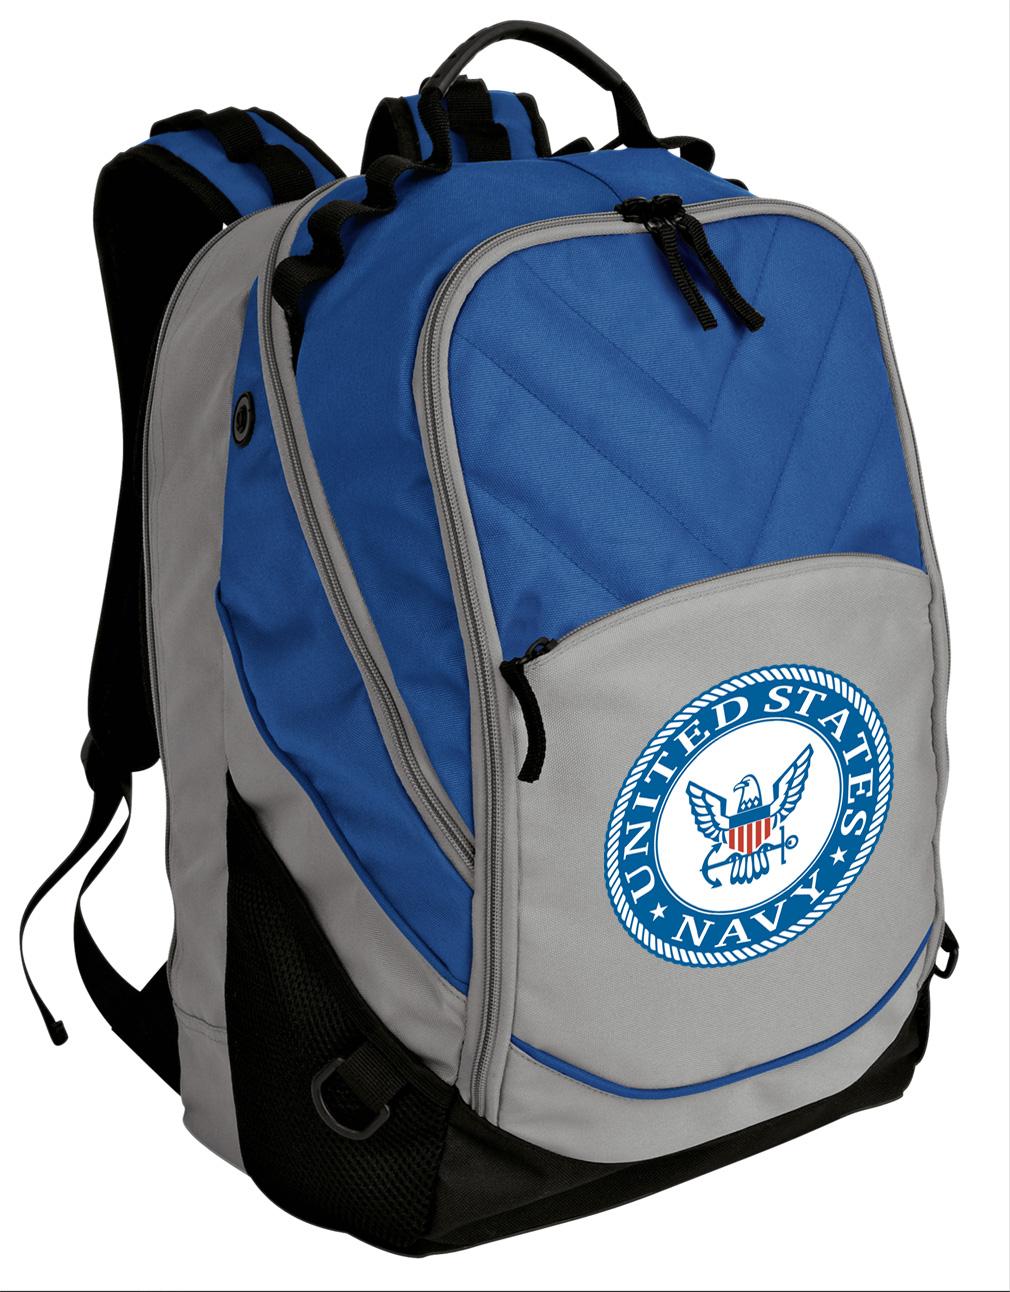 Broad Bay US Navy Laptop Bag United States Navy Computer Bag or Messenger Bag